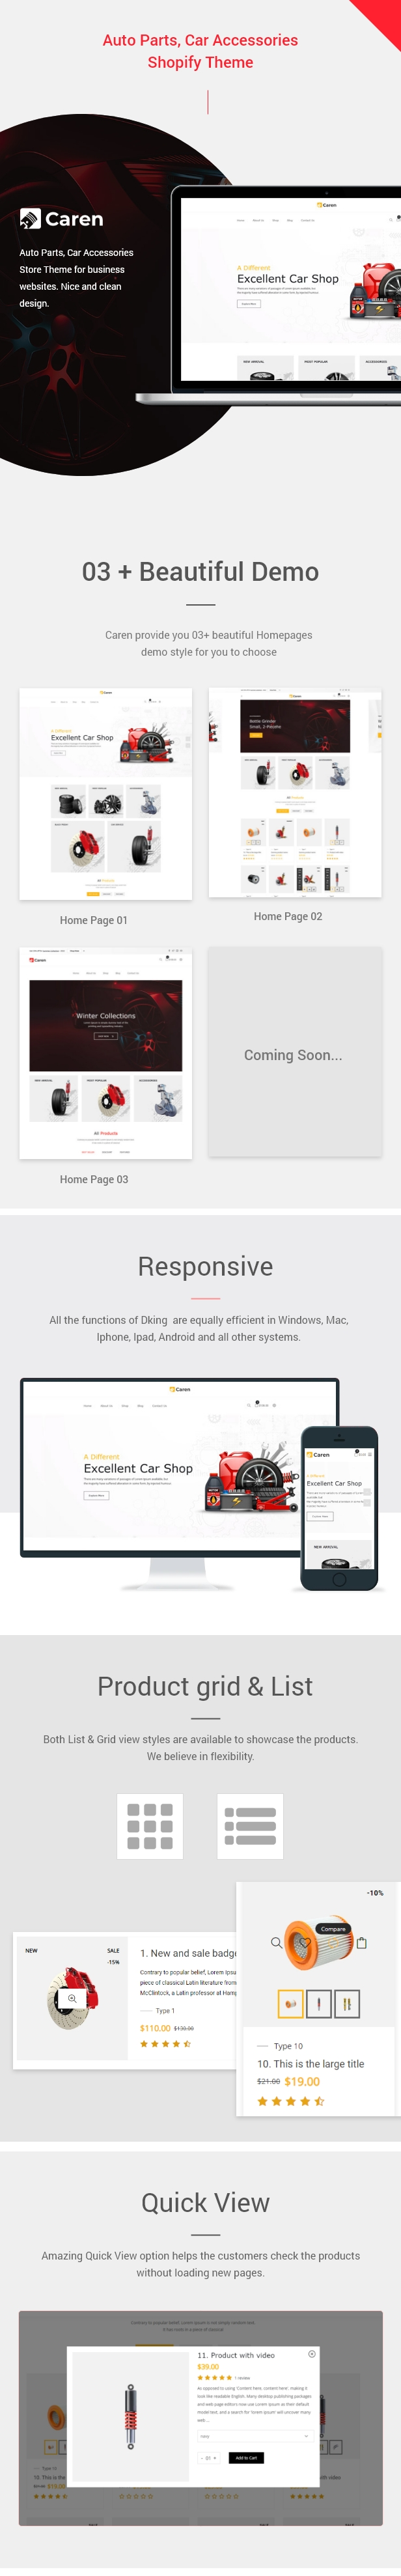 Caren - Auto Parts, Car Accessories Shopify Theme - 1